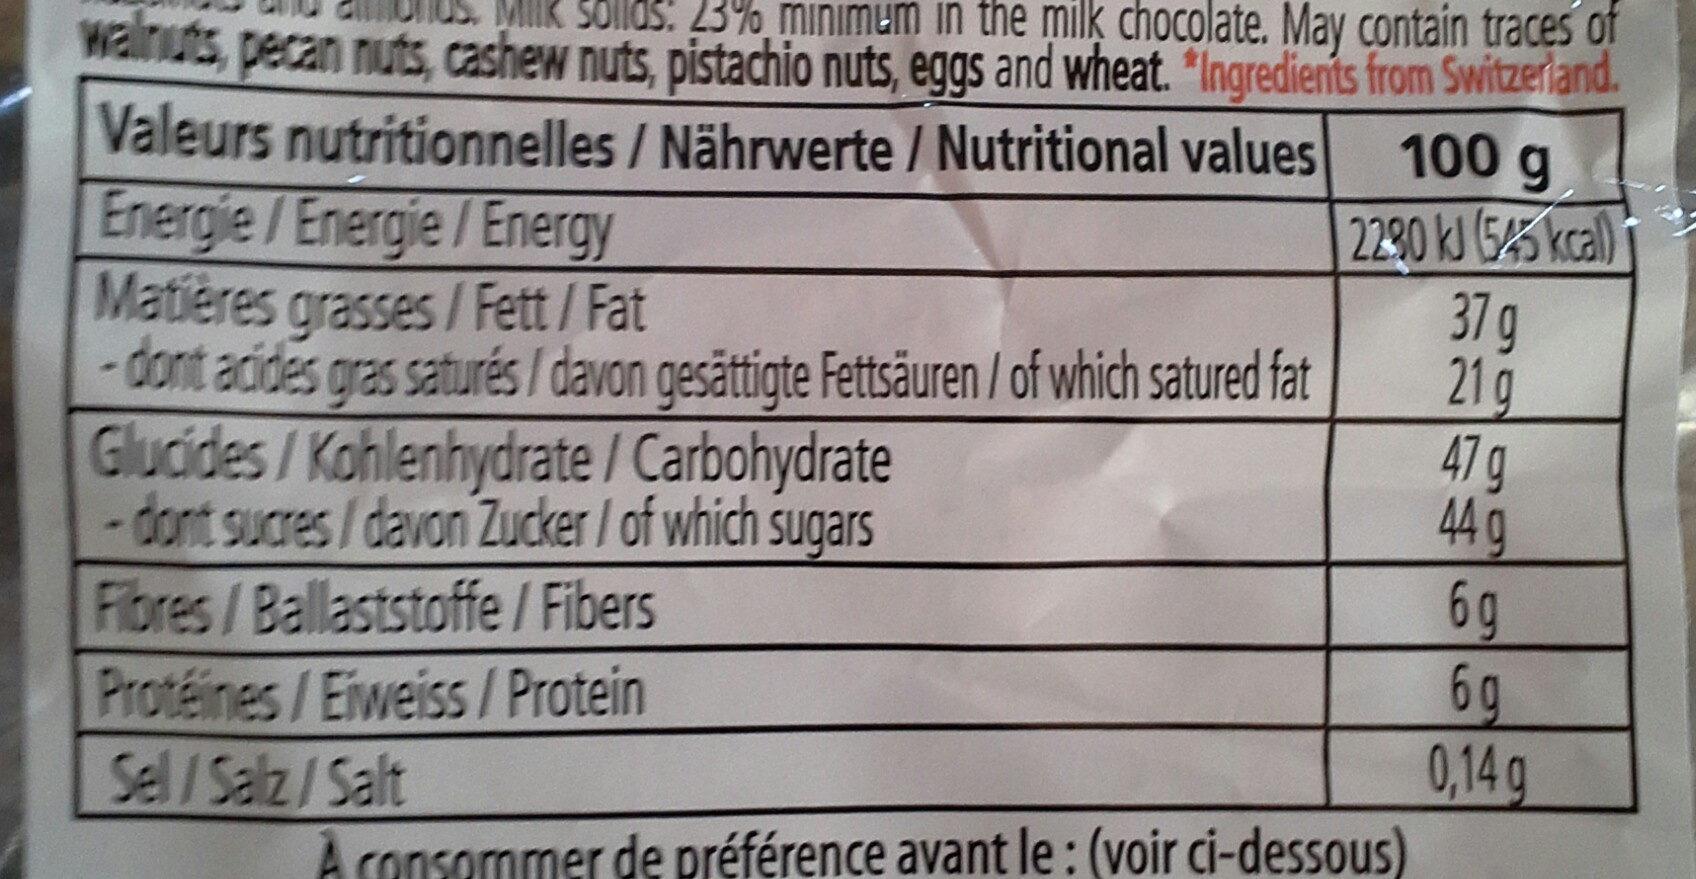 Assortiment de minis chocolats lait et noir - Informazioni nutrizionali - fr